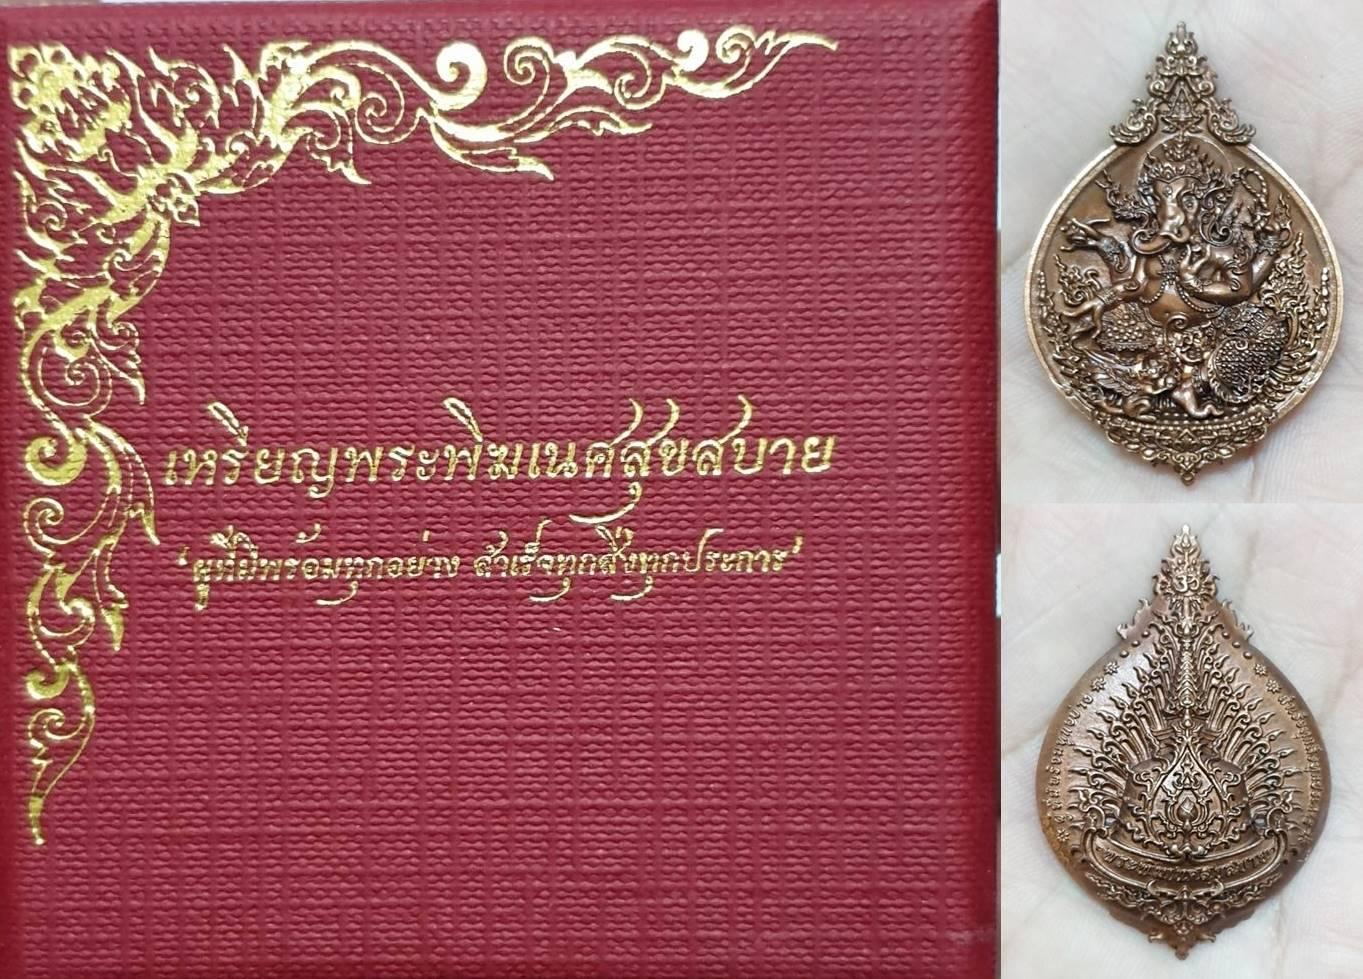 เหรียญหล่อพุทธศิลป์พระพิฆเนศ เนื้อเทวฤทธิ์แดง วัดป่าทศพลมังคลาราม 2561